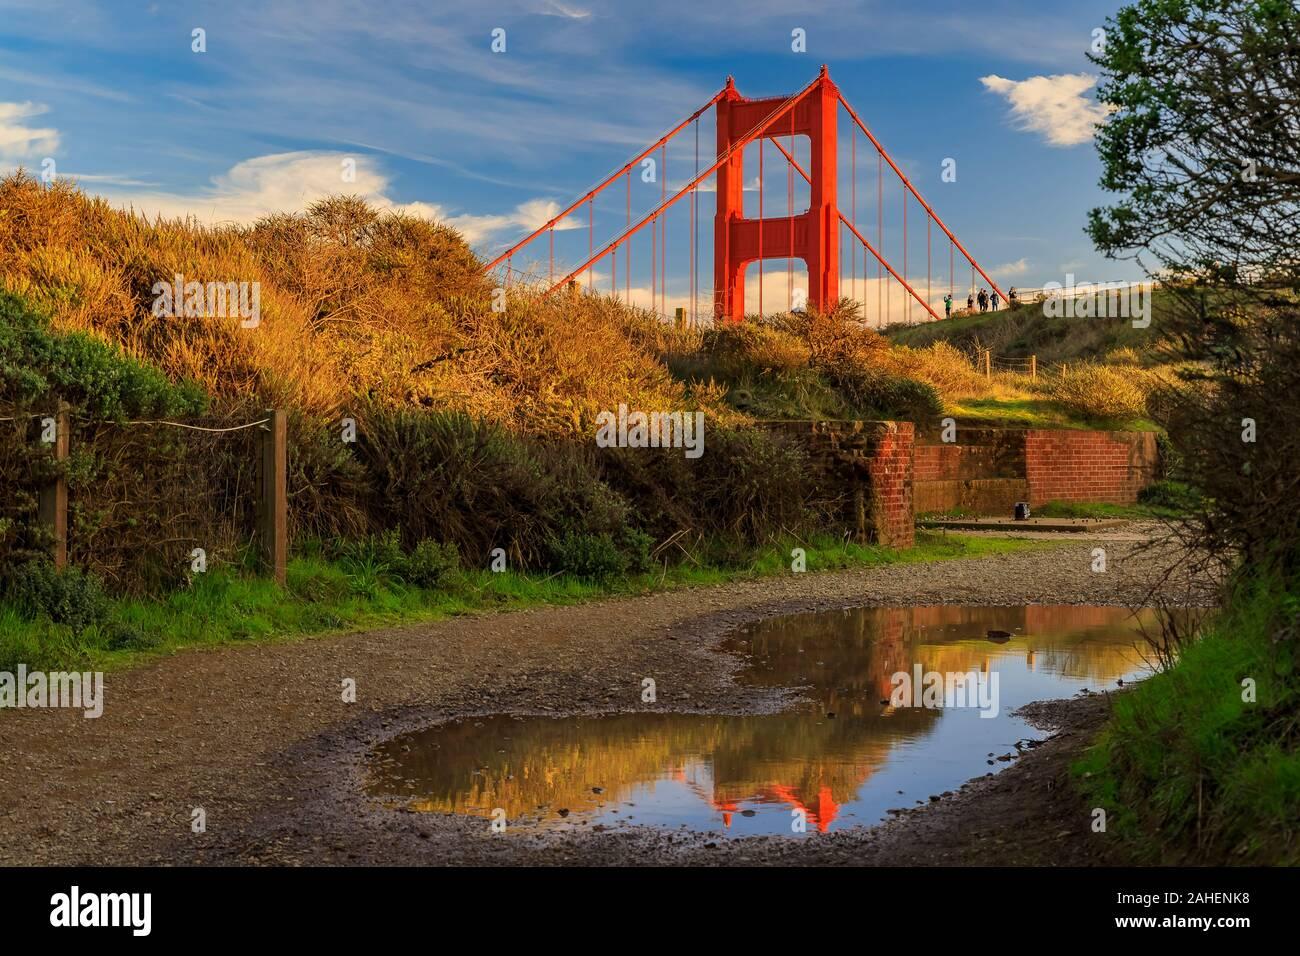 Panorama di San Francisco Golden Gate bridge in Marin Headlands California riflettendo in una pozzanghera dopo la pioggia con soffici nuvole in background Foto Stock